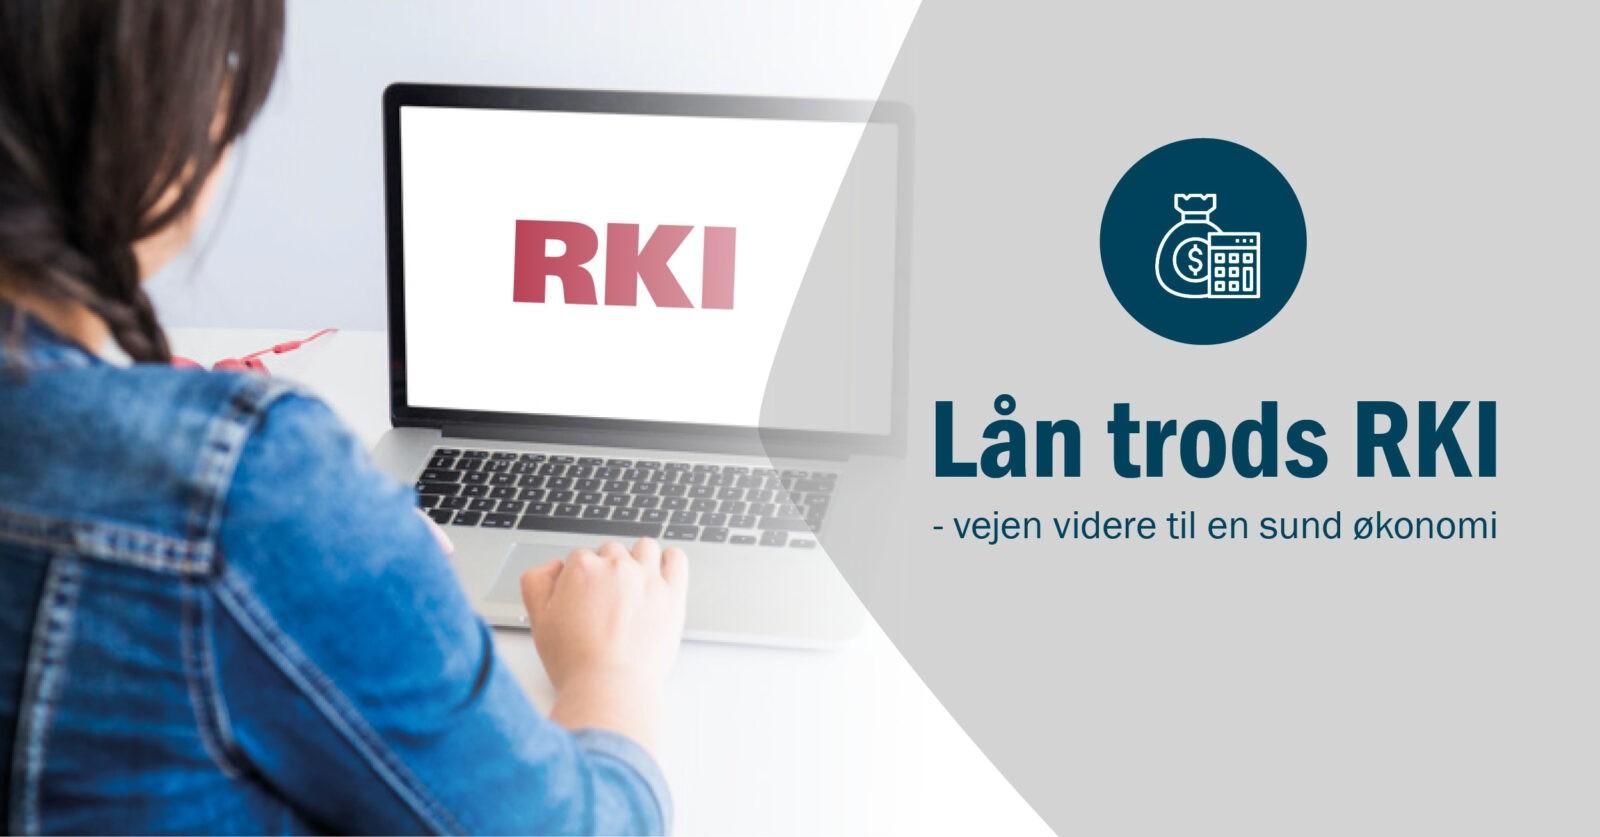 Hos Vexa kan det være muligt at optage lån trods RKI-registrering